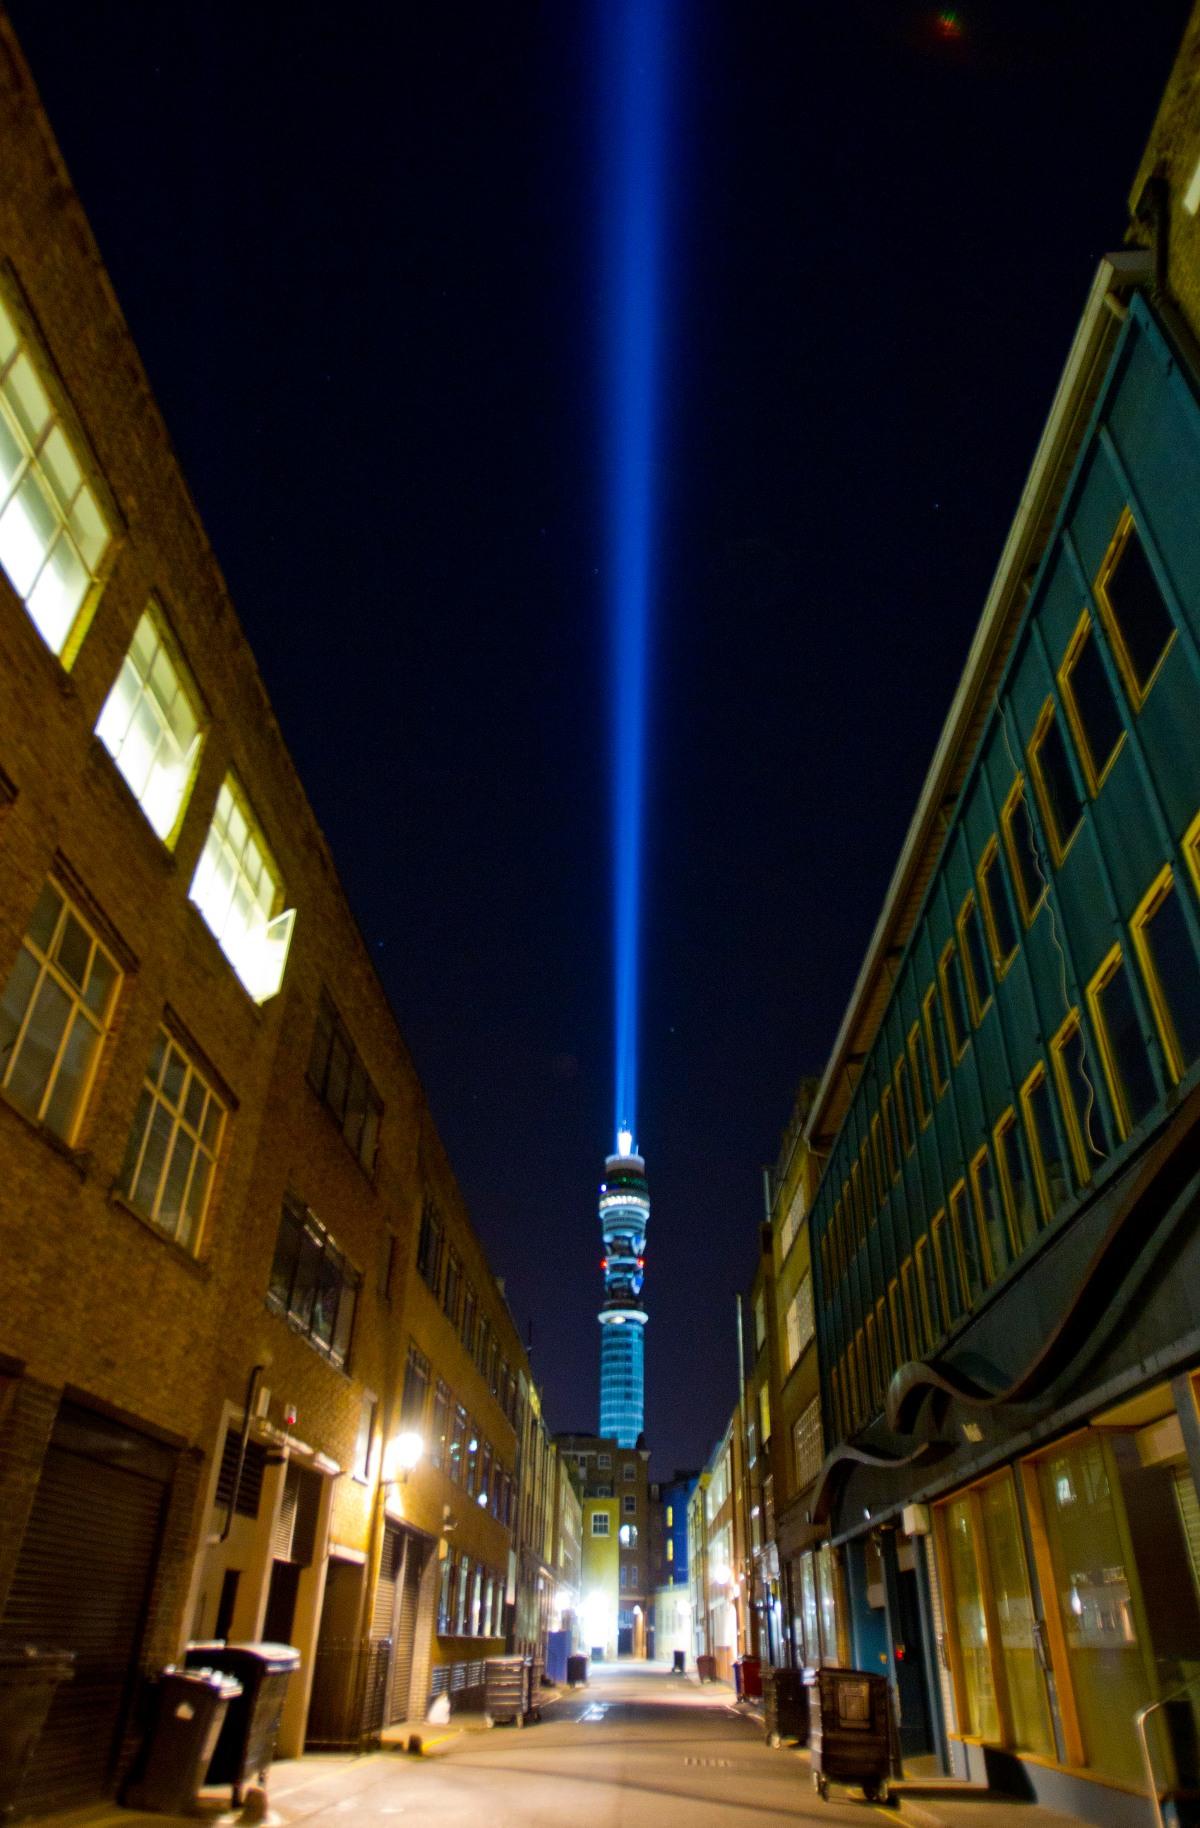 Torre BT Tower transformada em Sabre-de-Luz